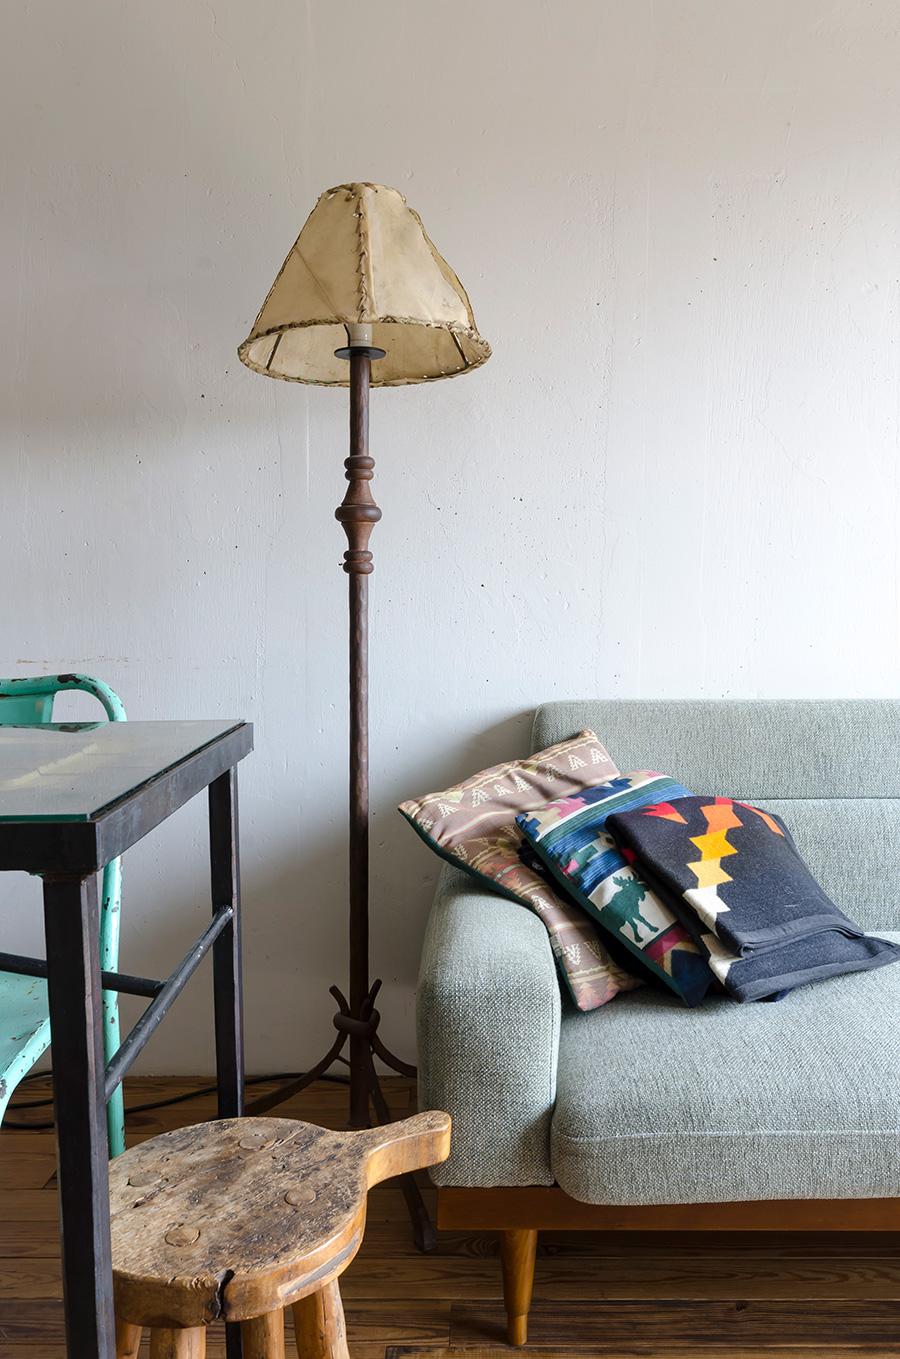 メキシコの古いシェードに合わせて友人に作ってもらったランプ。スツールは麻由子さんが古材で作成。